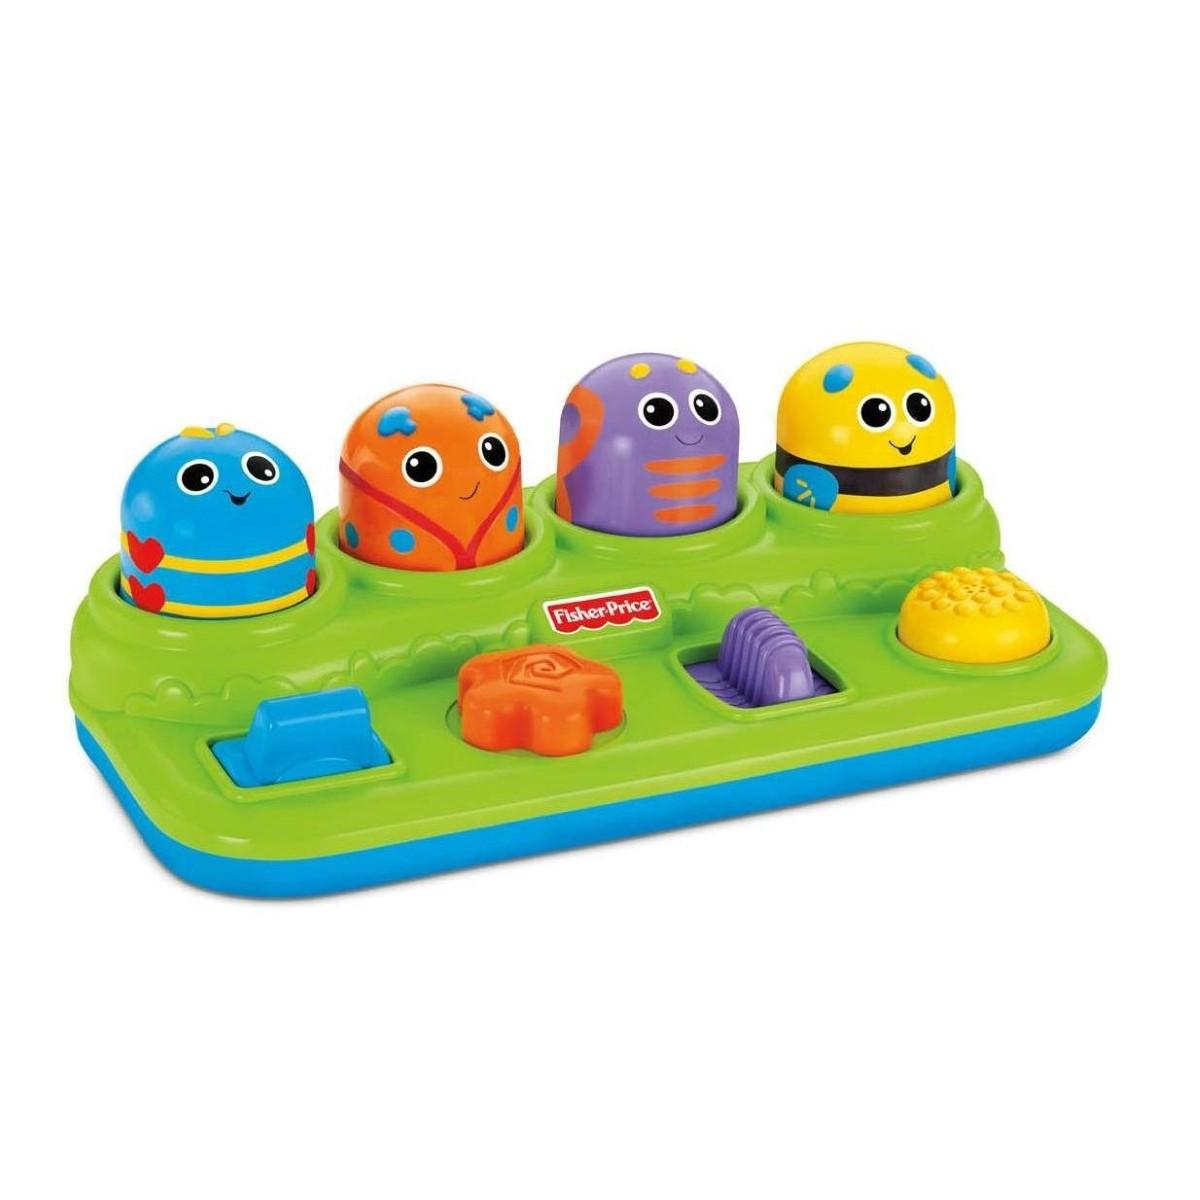 игрушки для ребенка 6 месяцев фото